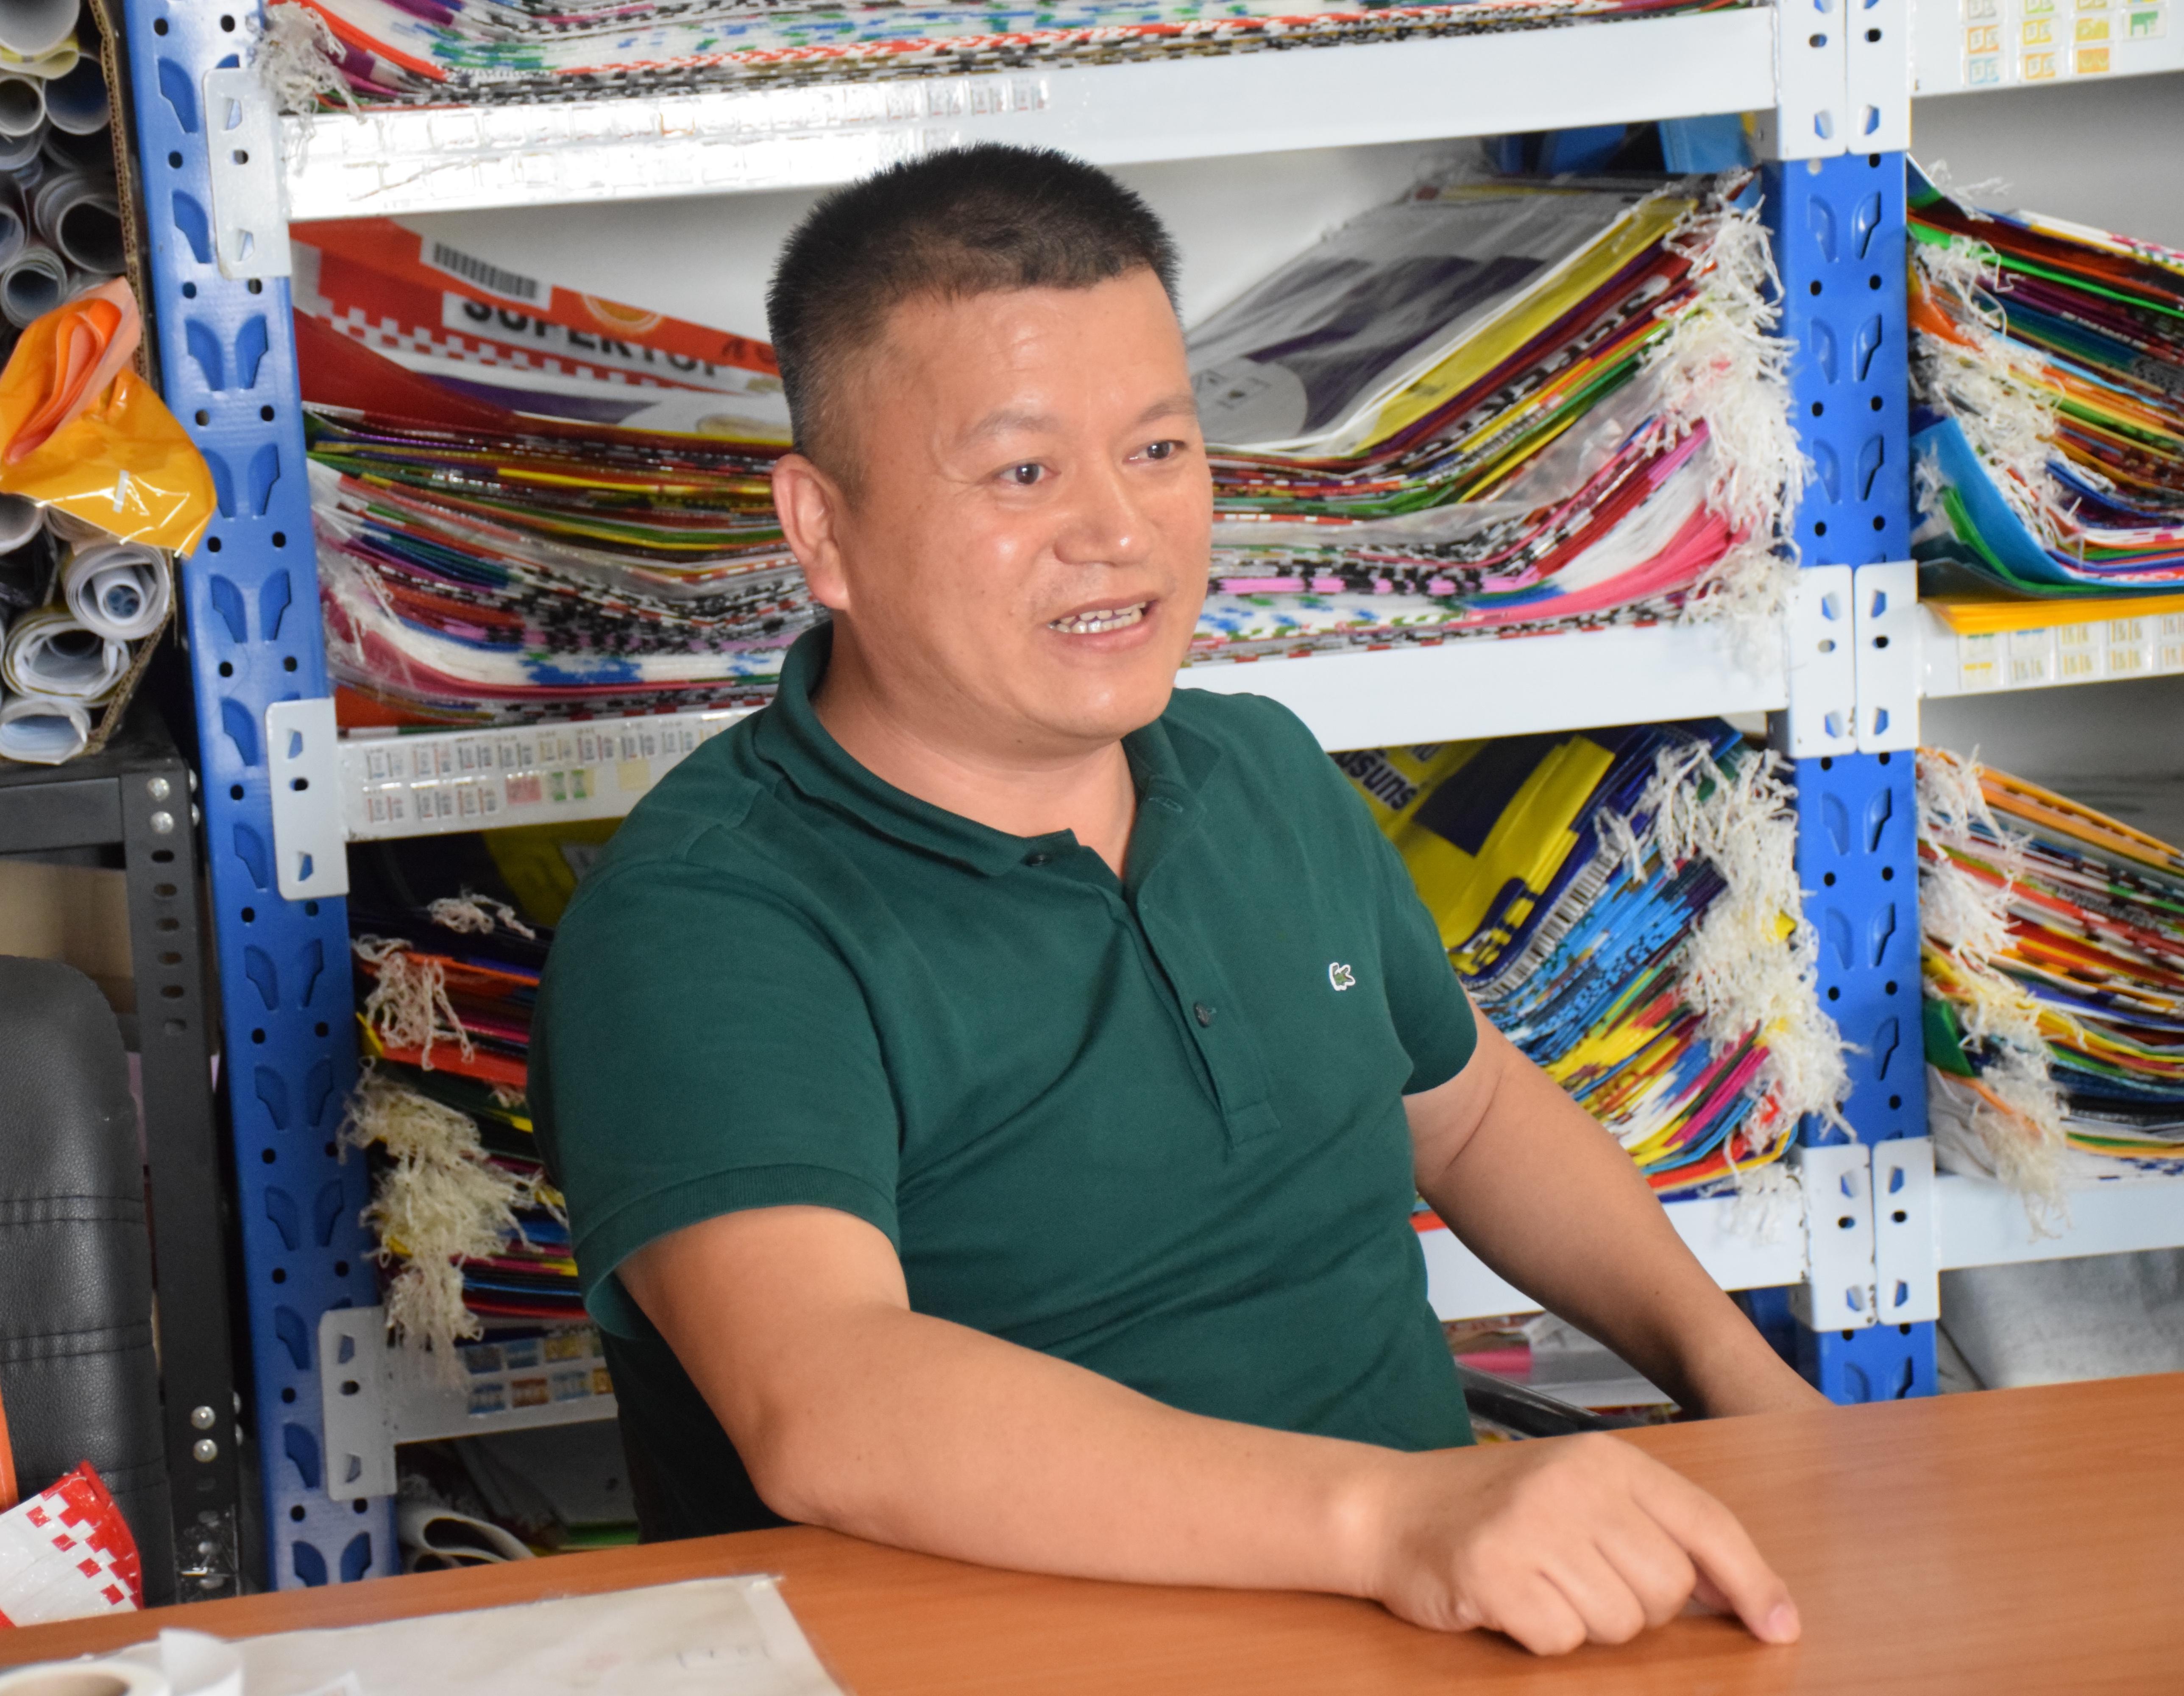 泰国温州商会会员企业拜访录(4) 泰国温州商会会员企业:金泰包装(泰国)有限公司的总经理鲍宗格先生